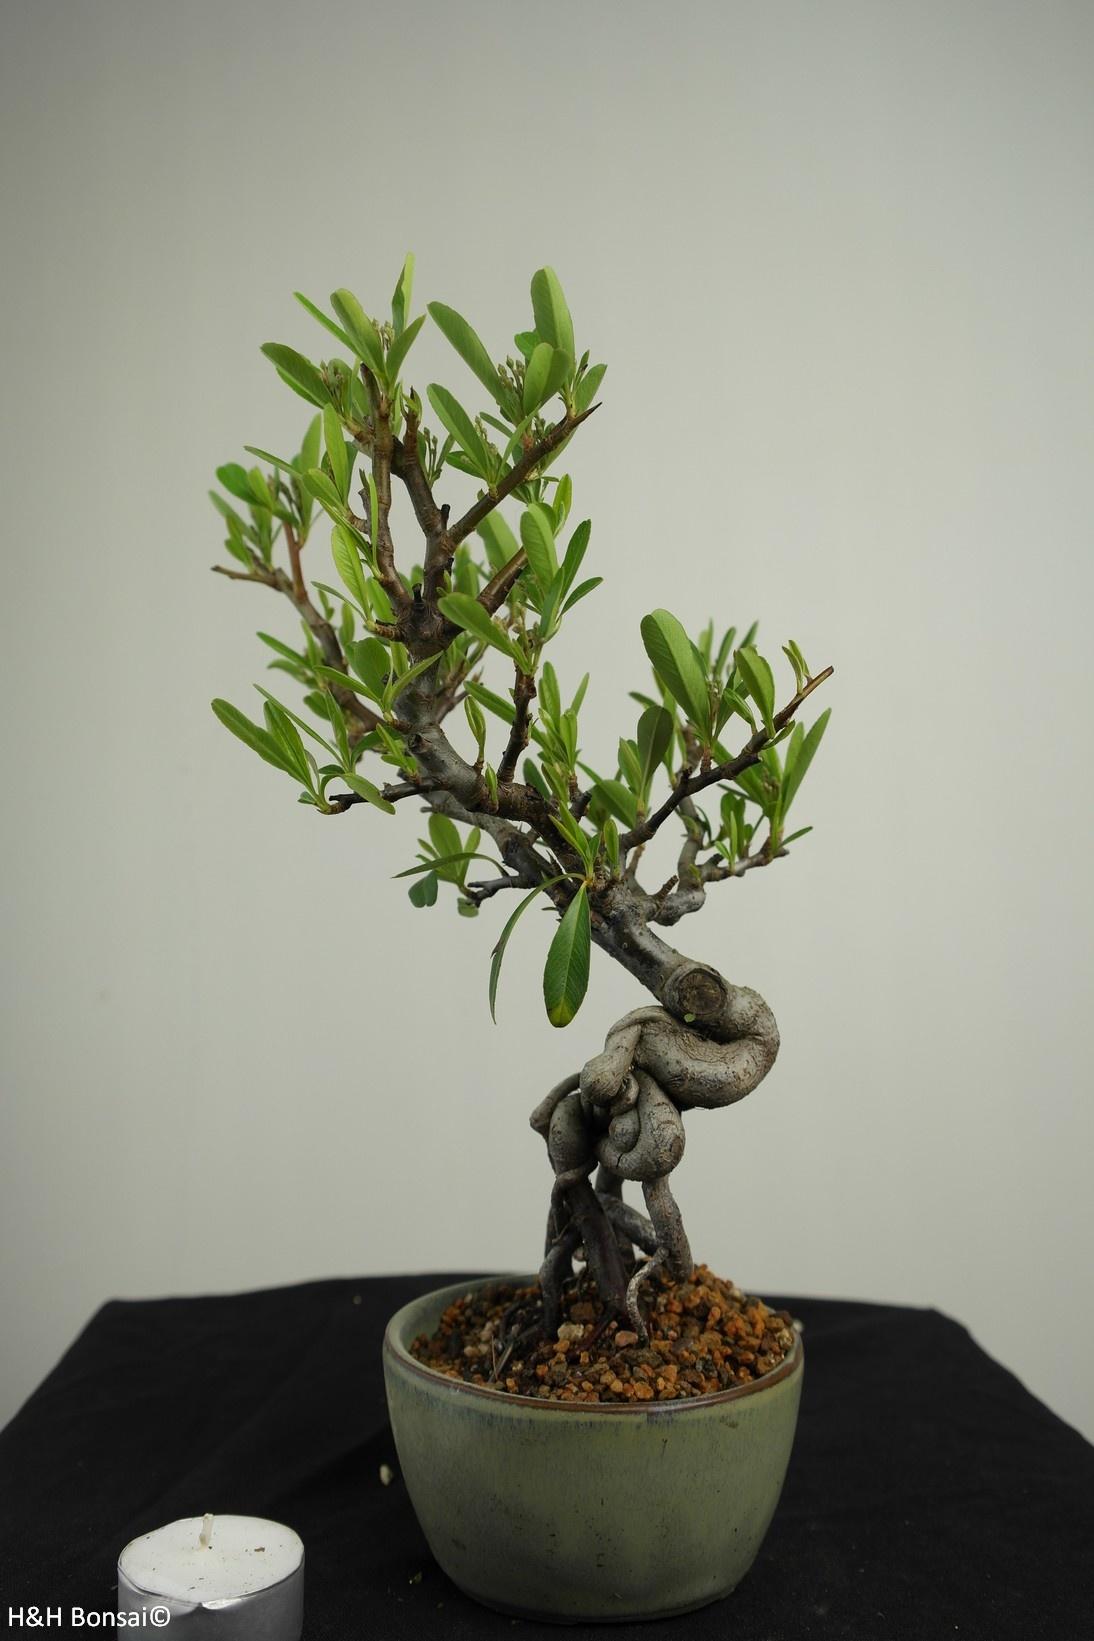 Bonsai Buisson ardent, Pyracantha, no. 7526